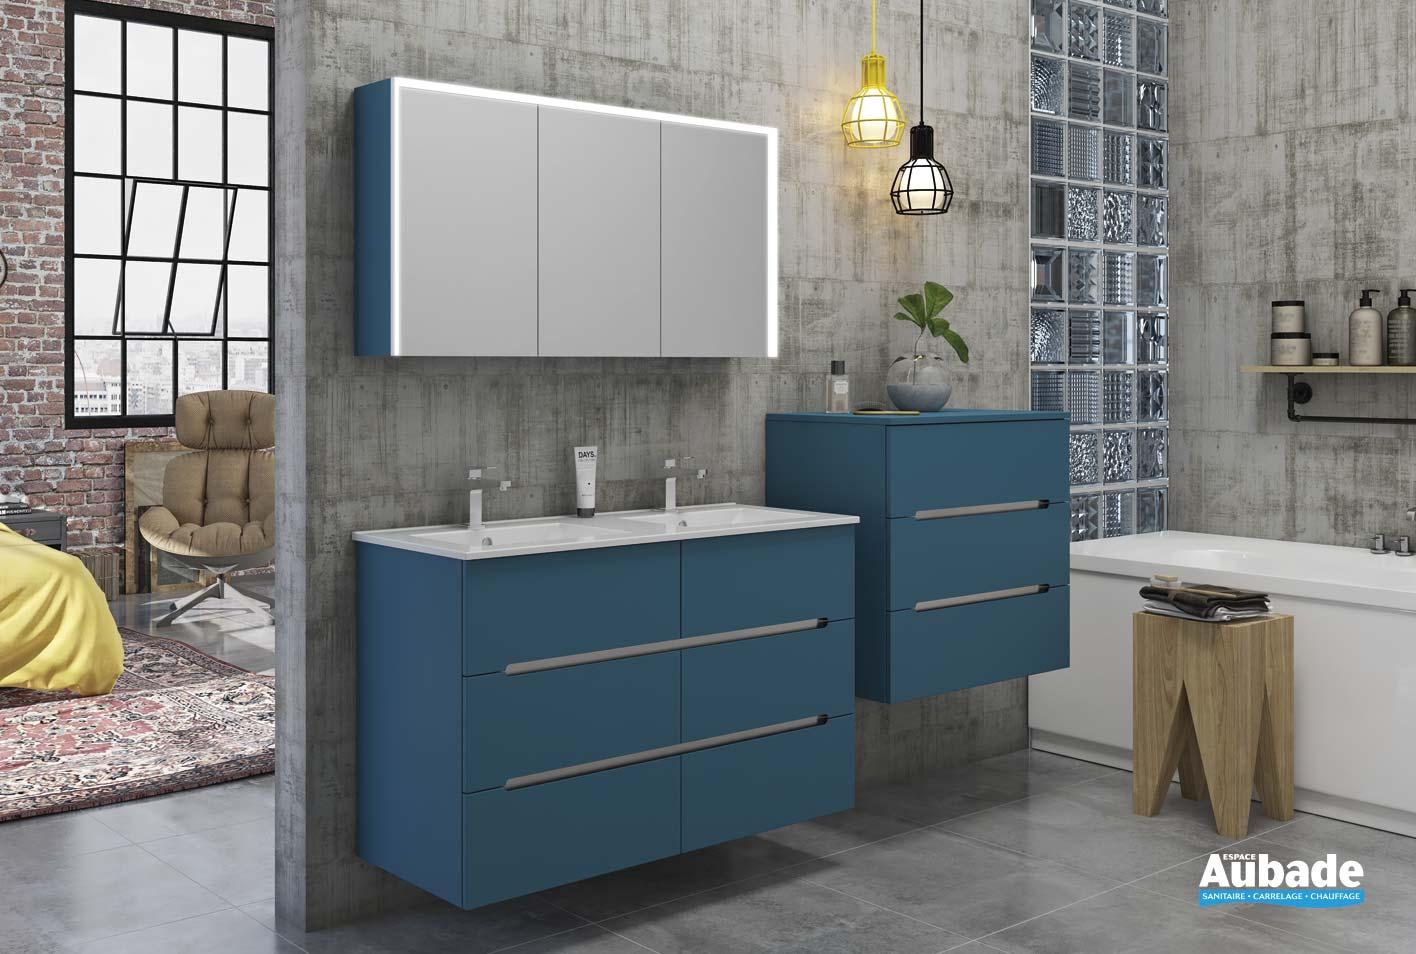 meubles salle de bains decotec bento